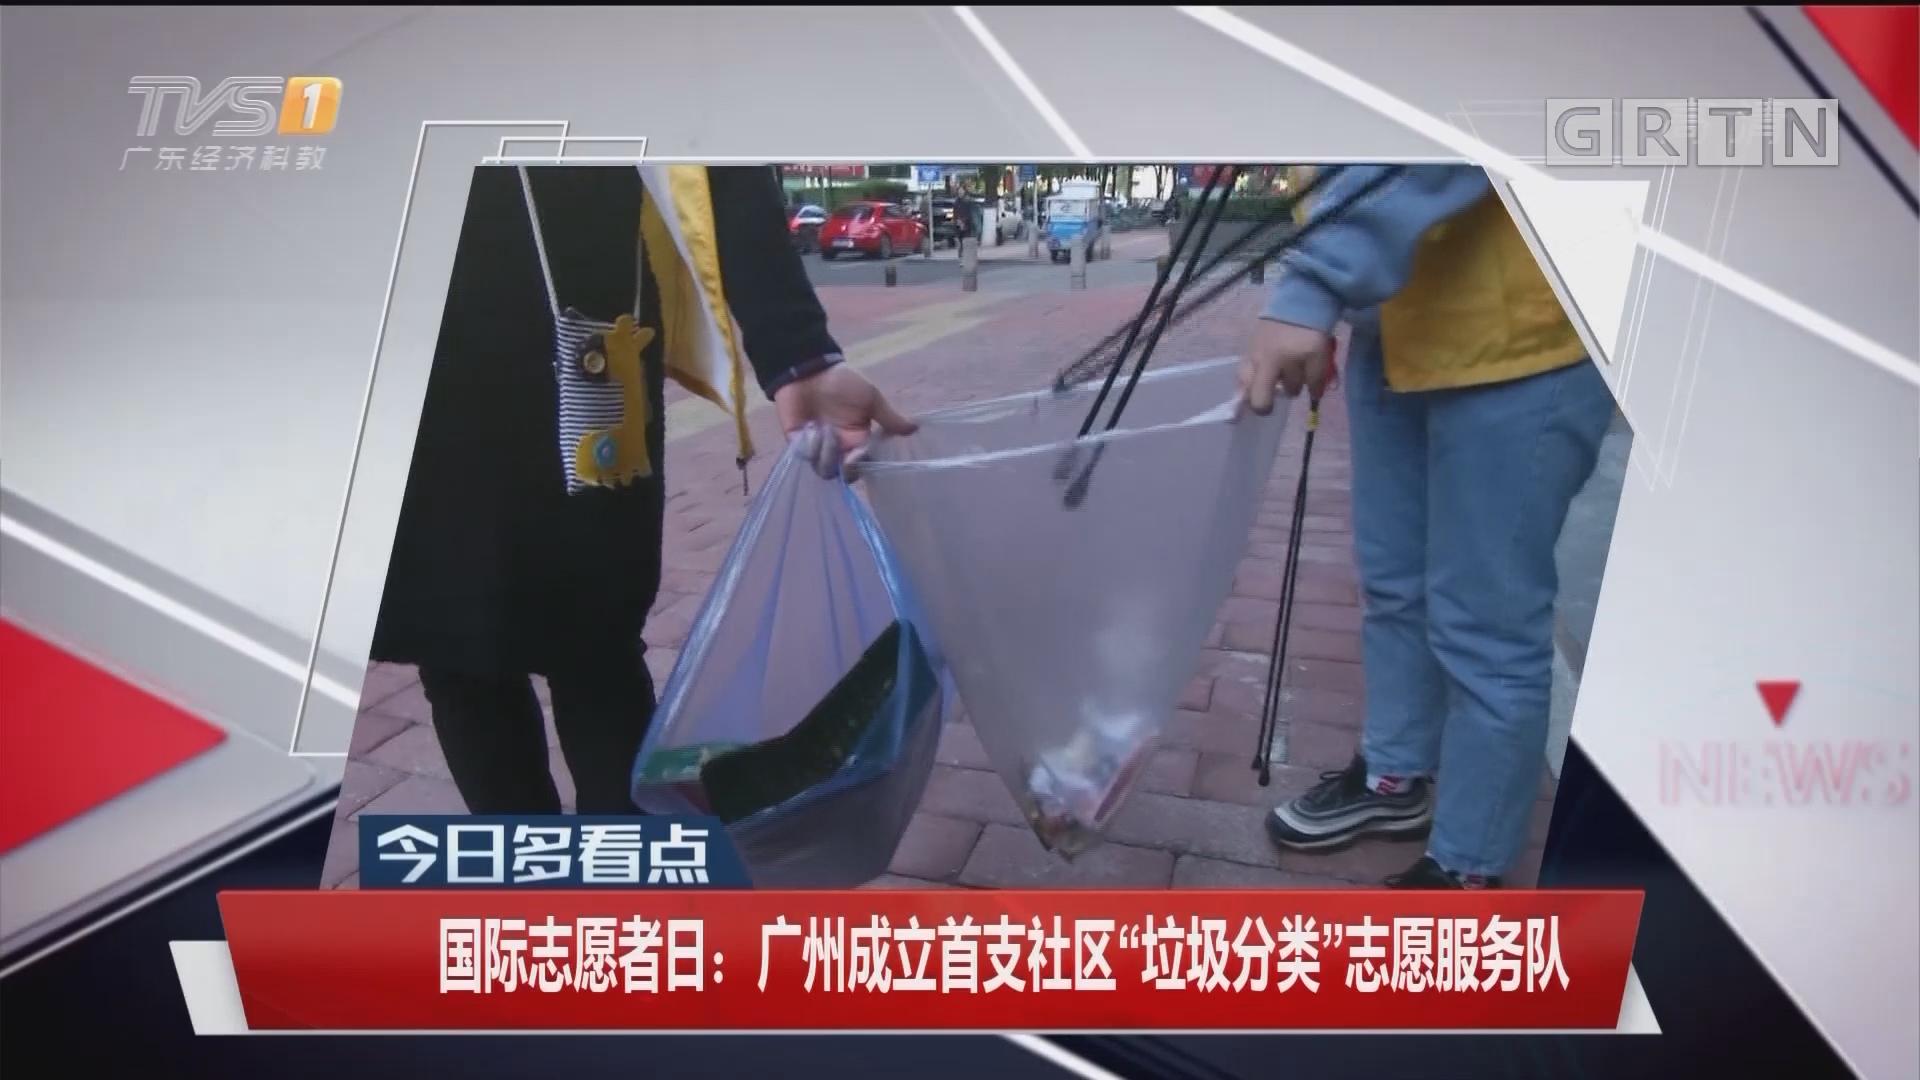 """国际志愿者日:广州成立首支社区""""垃圾分类""""志愿服务队"""